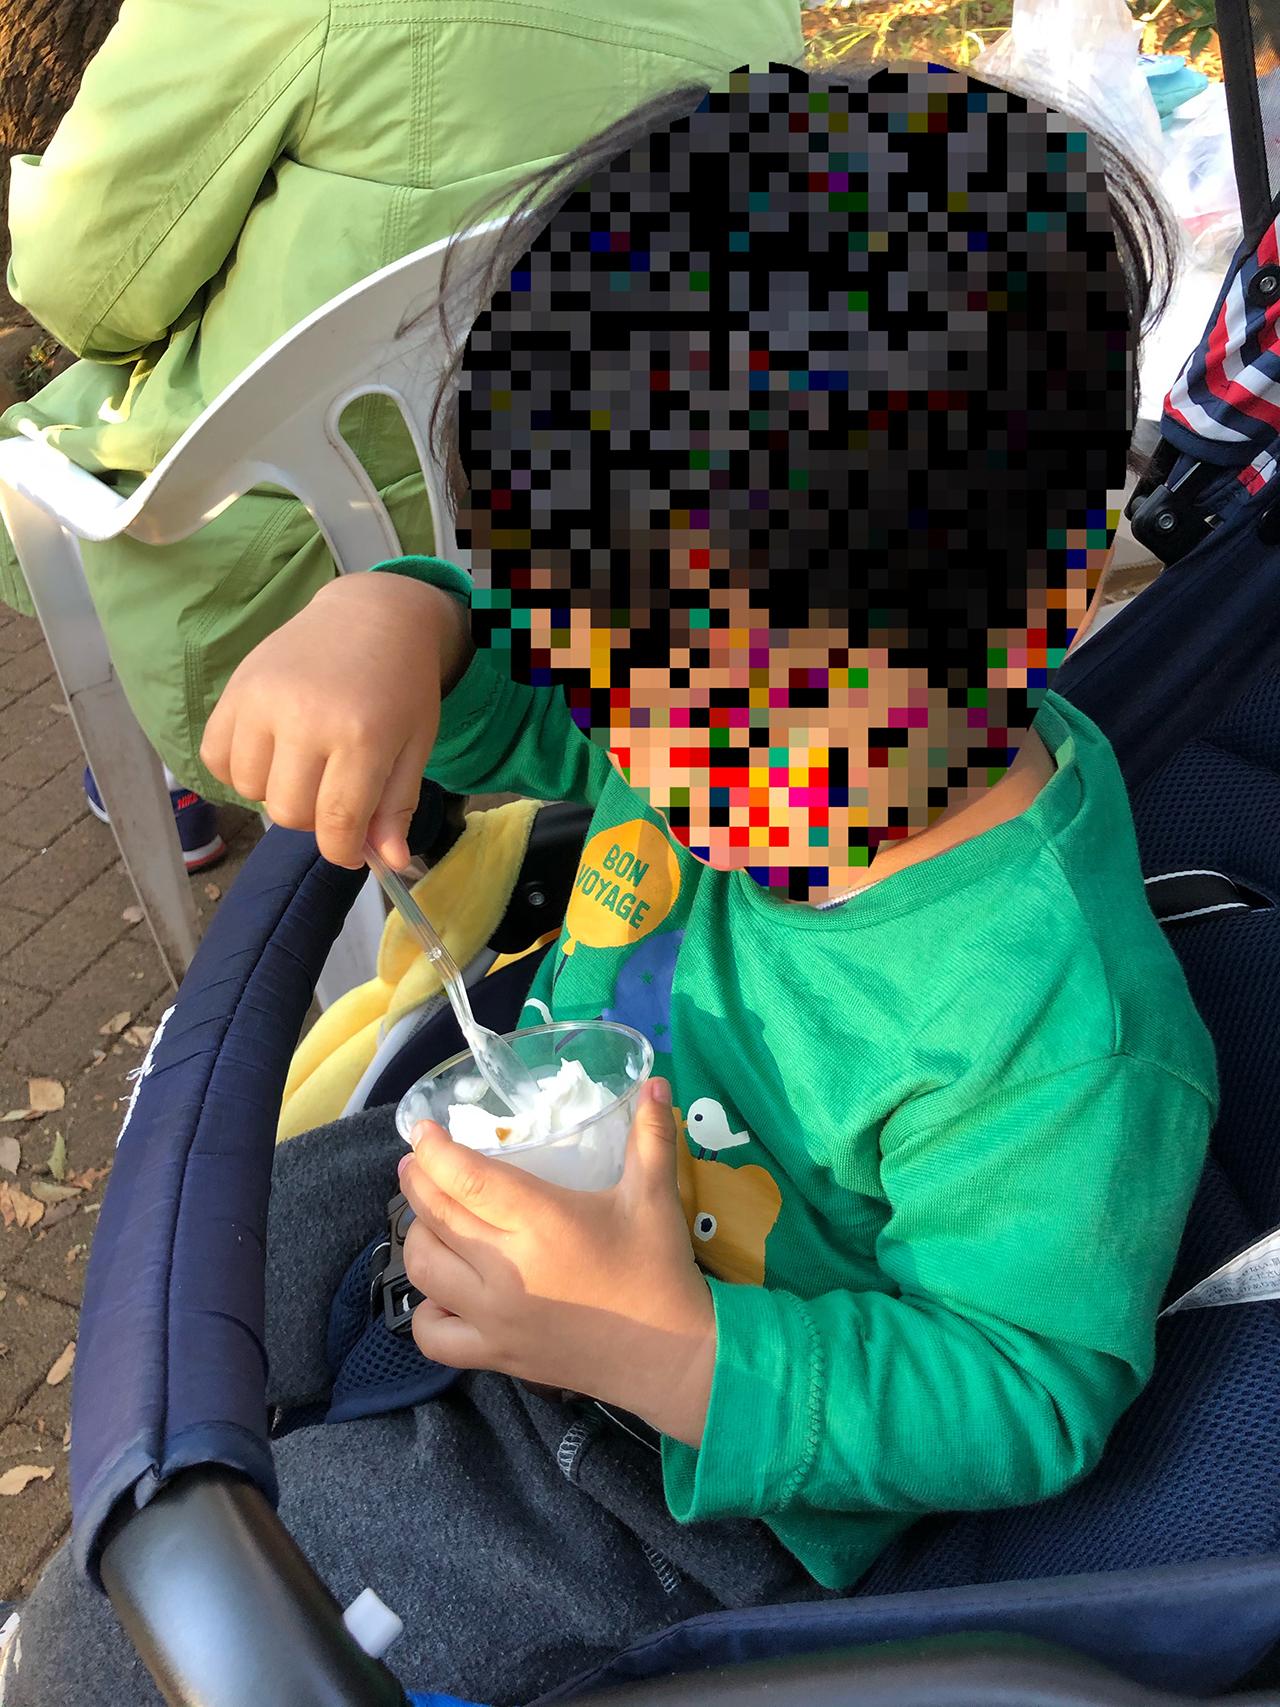 牛乳アイスクリームを食べる子供の写真